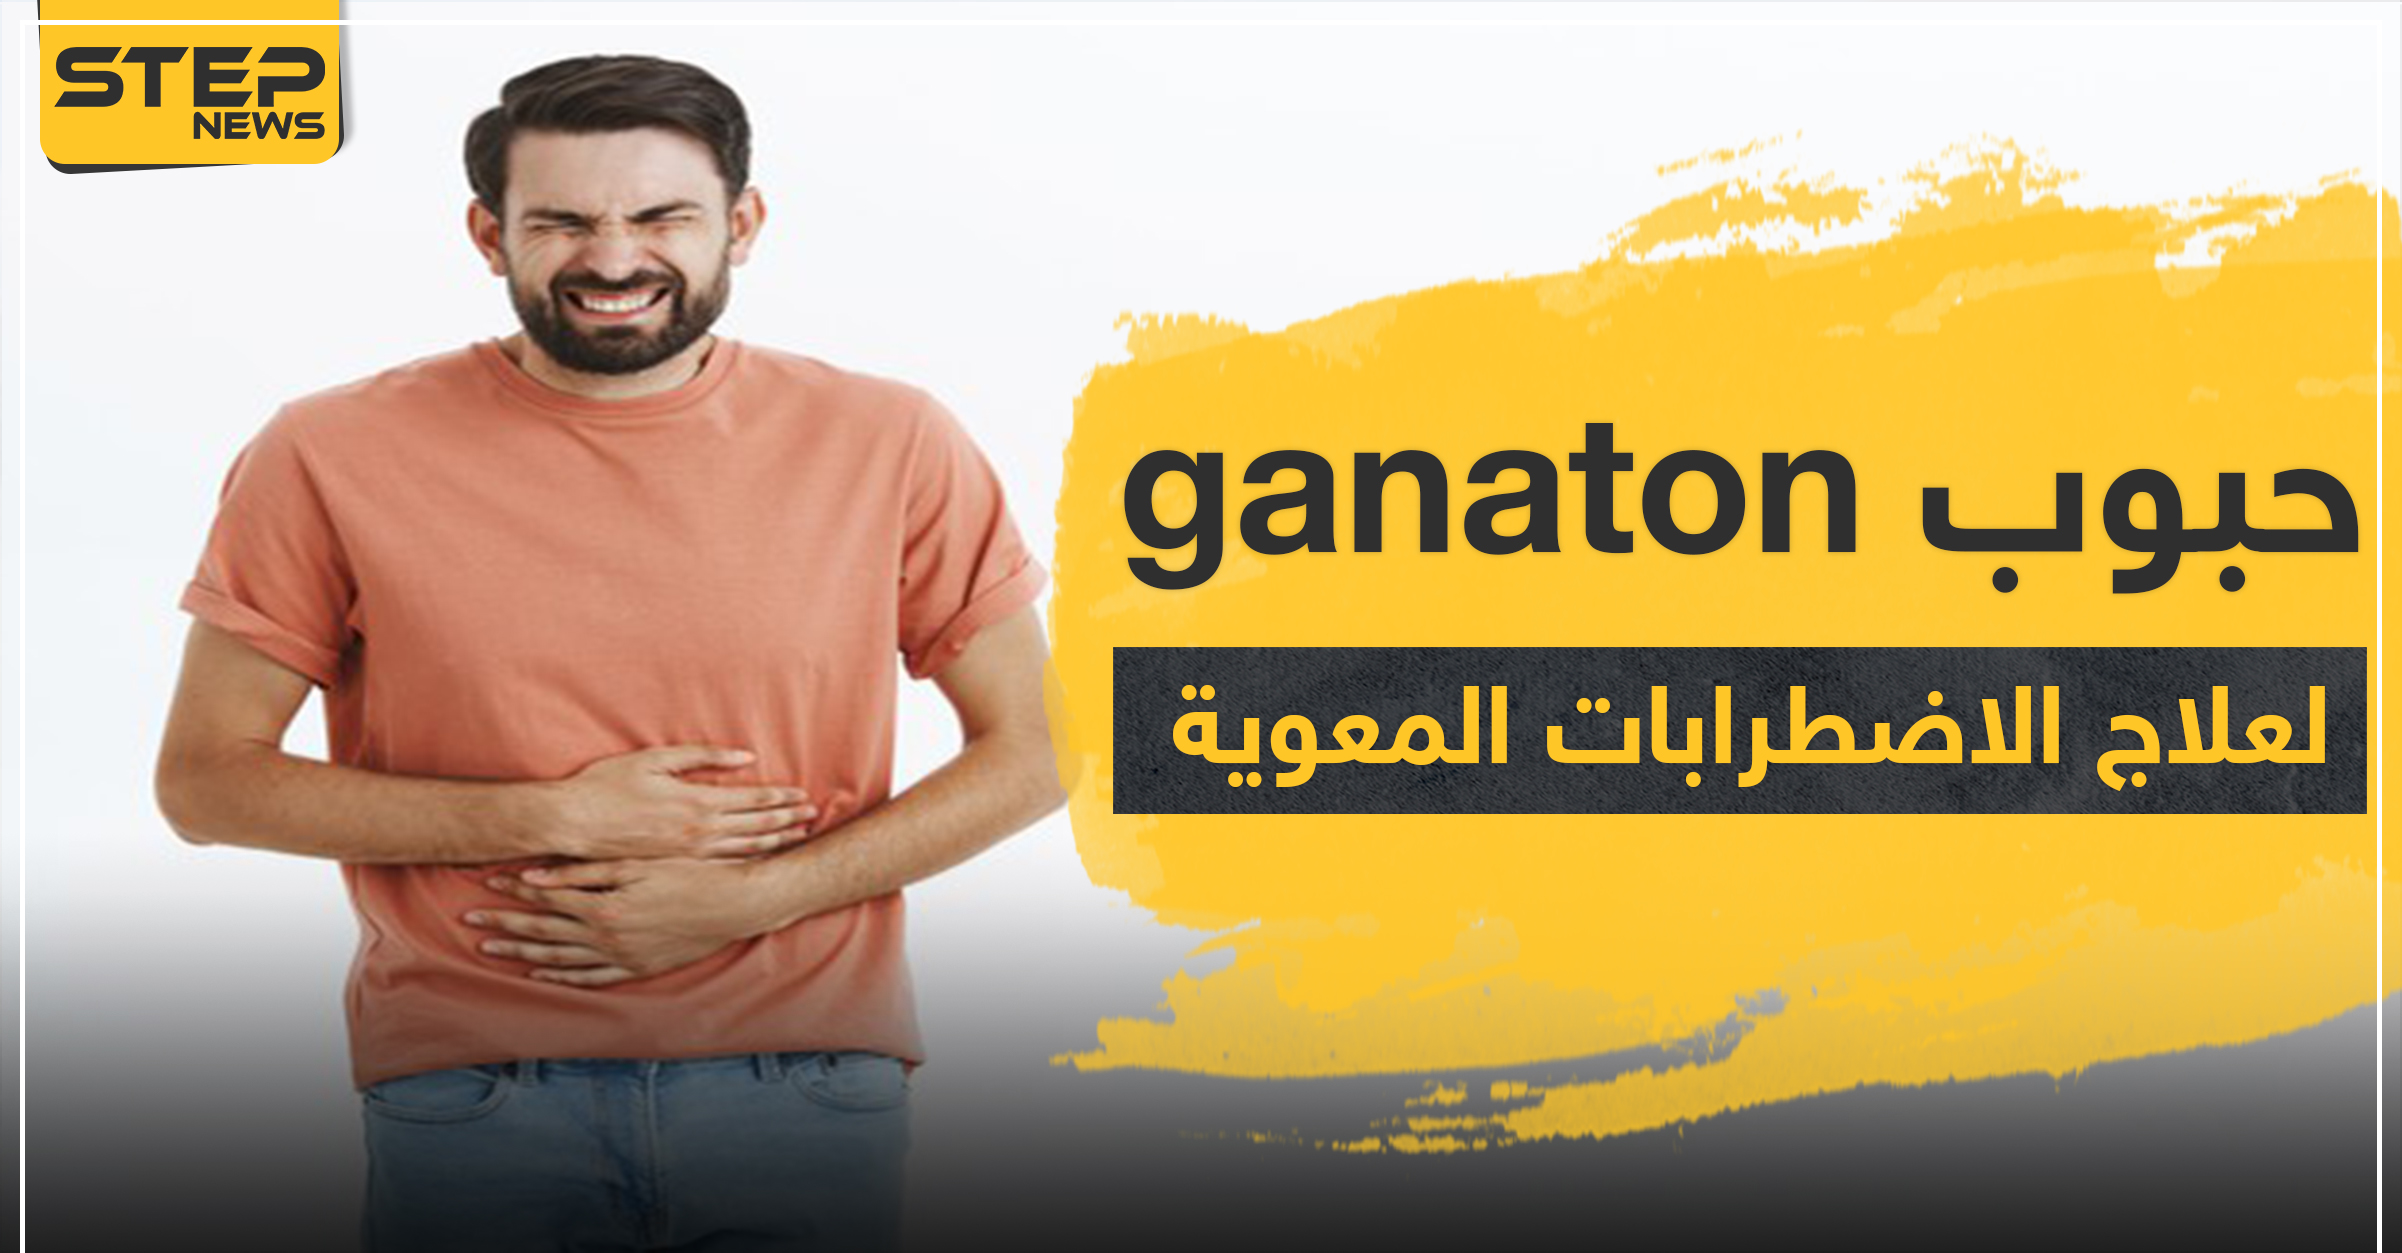 حبوب ganaton لعلاج الاضطرابات المعوية